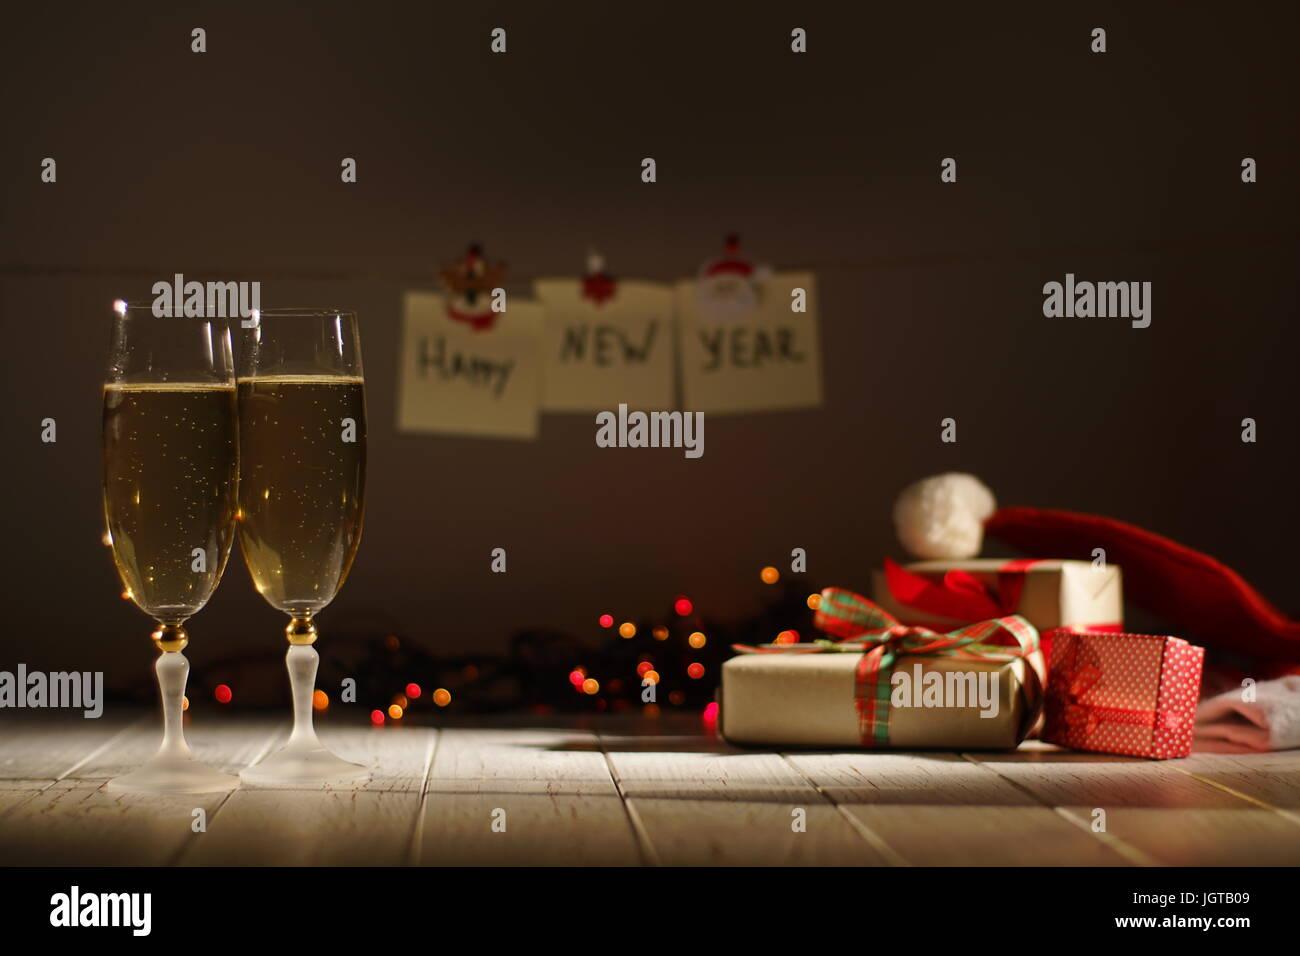 Neue Jahr romantische Komposition von zwei Gläser Champagner in den ...